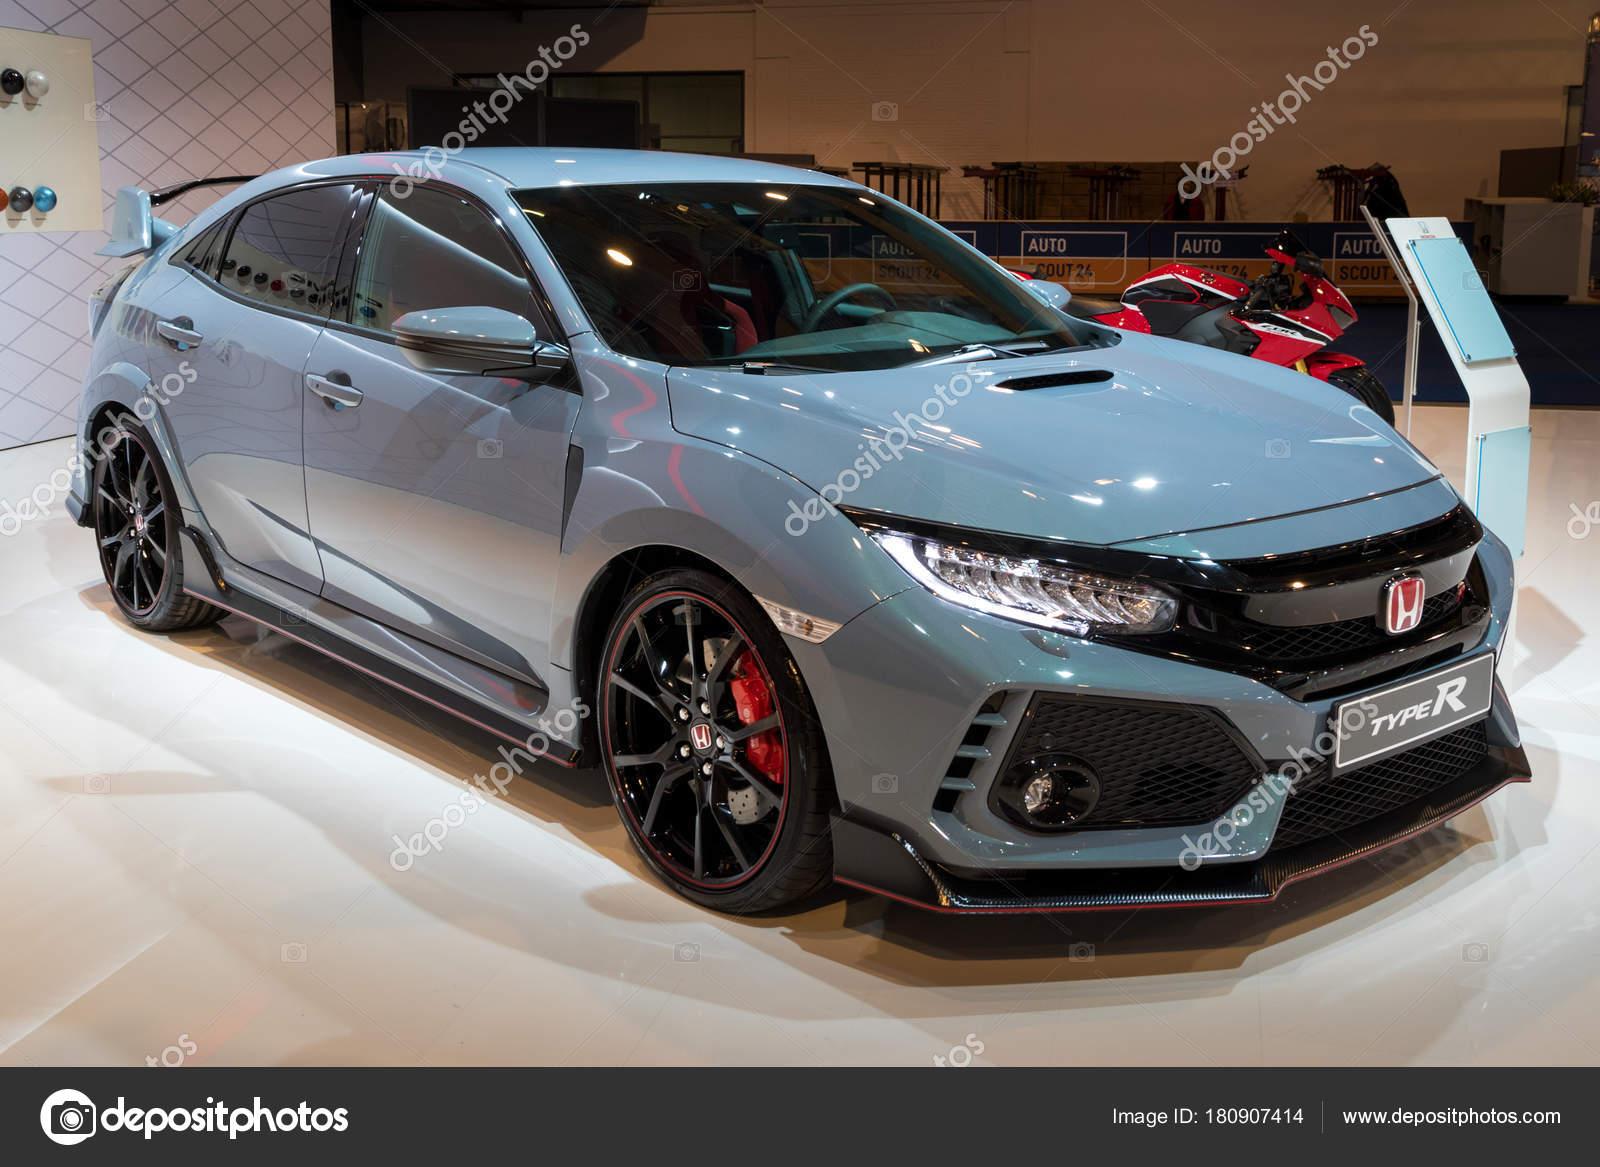 Bruxelas Janeiro 2018 Carro Alta Performance Honda Civic Type Apresentado U2014  Fotografia De Stock